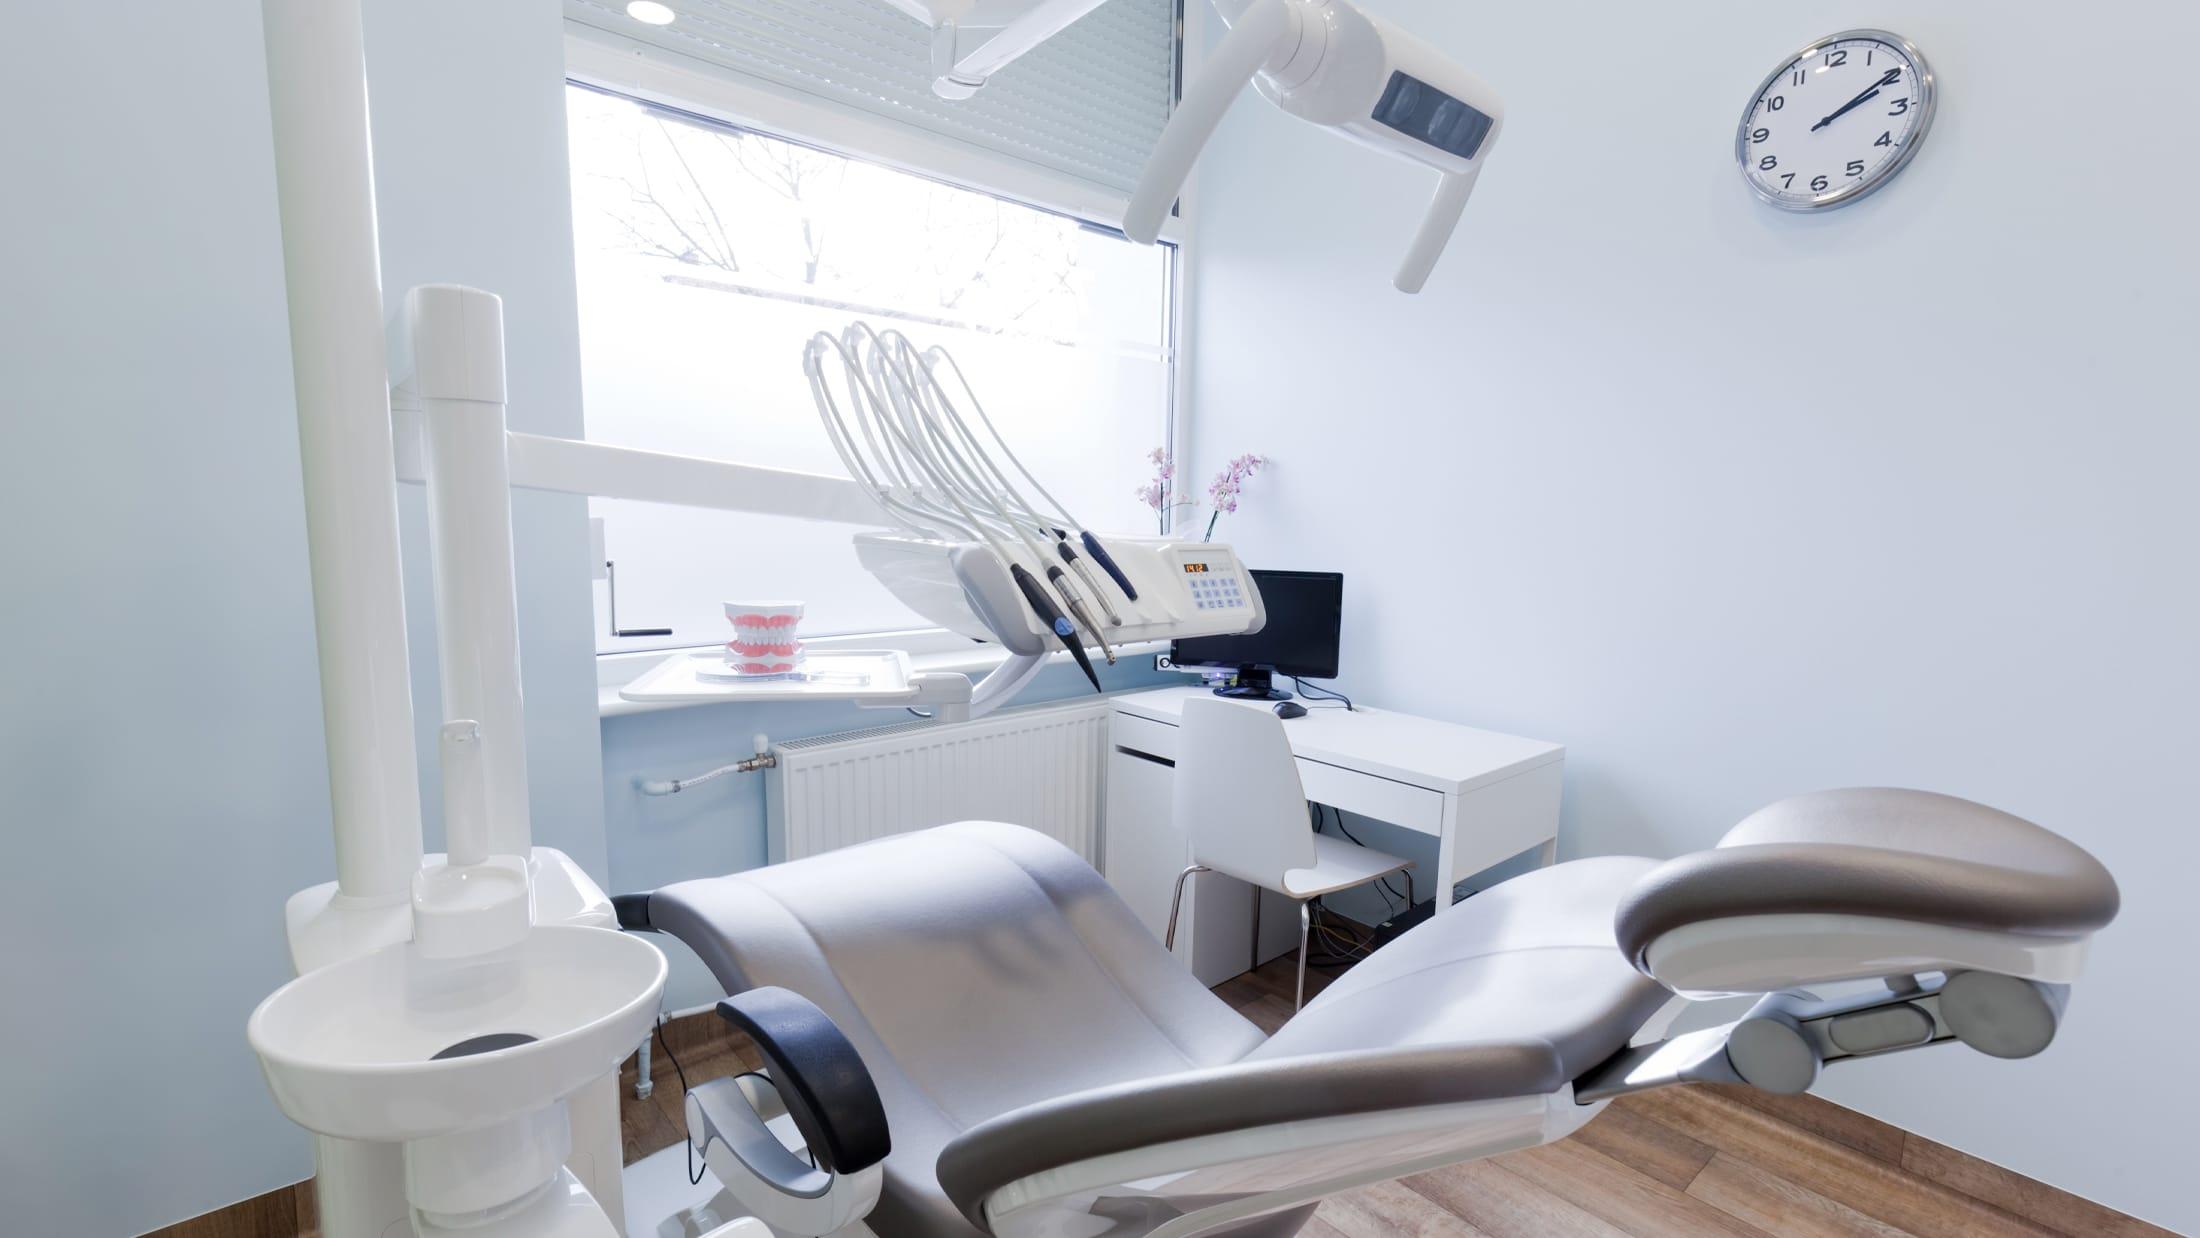 Winnipeg dental office chair